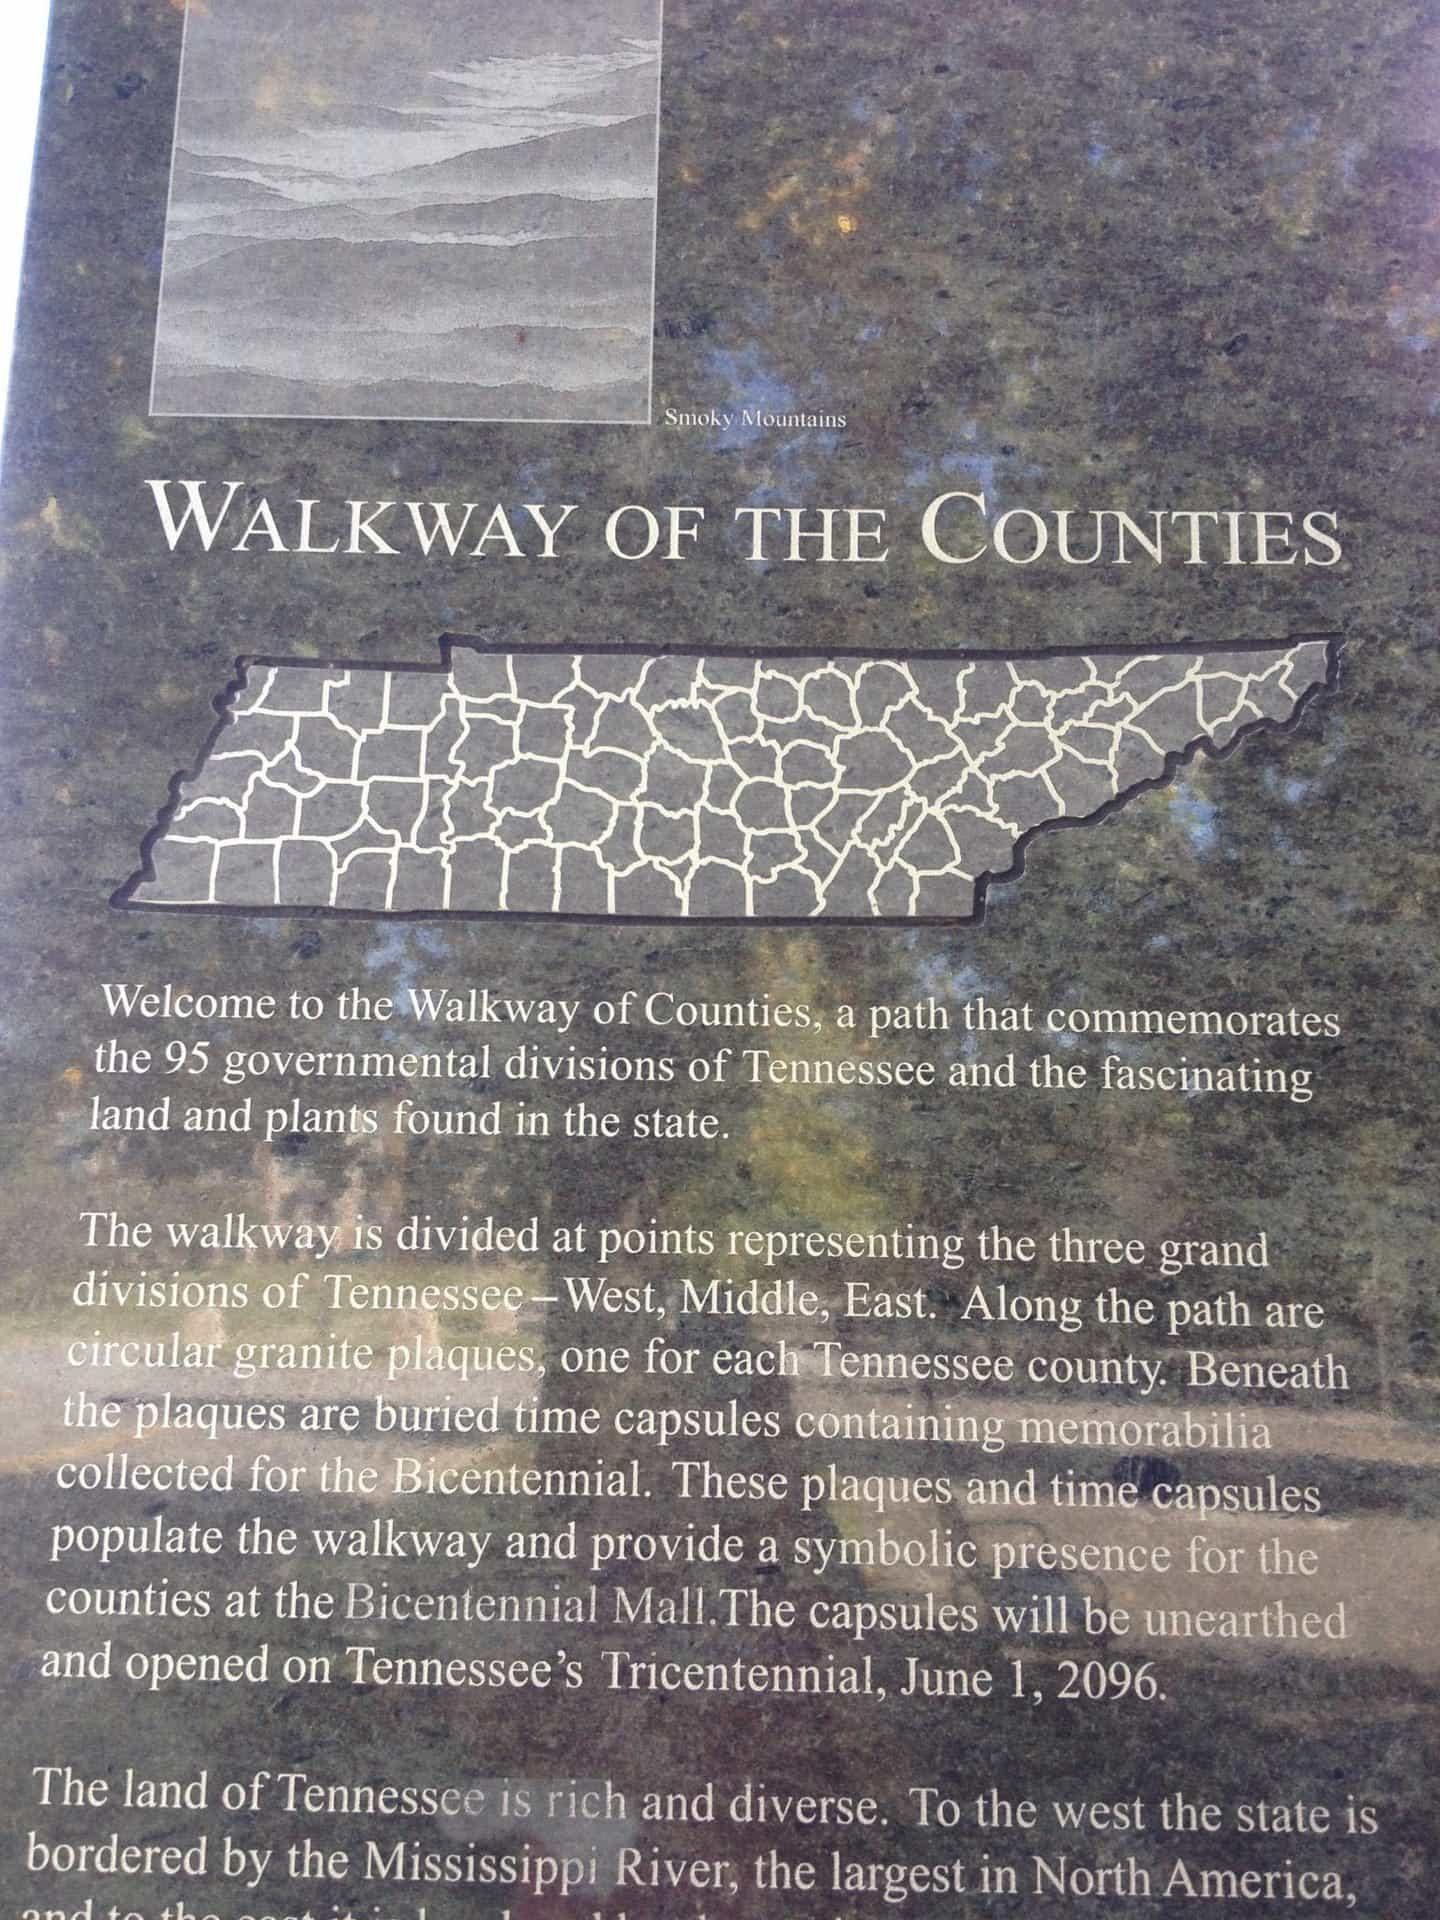 Walkway of the Counties